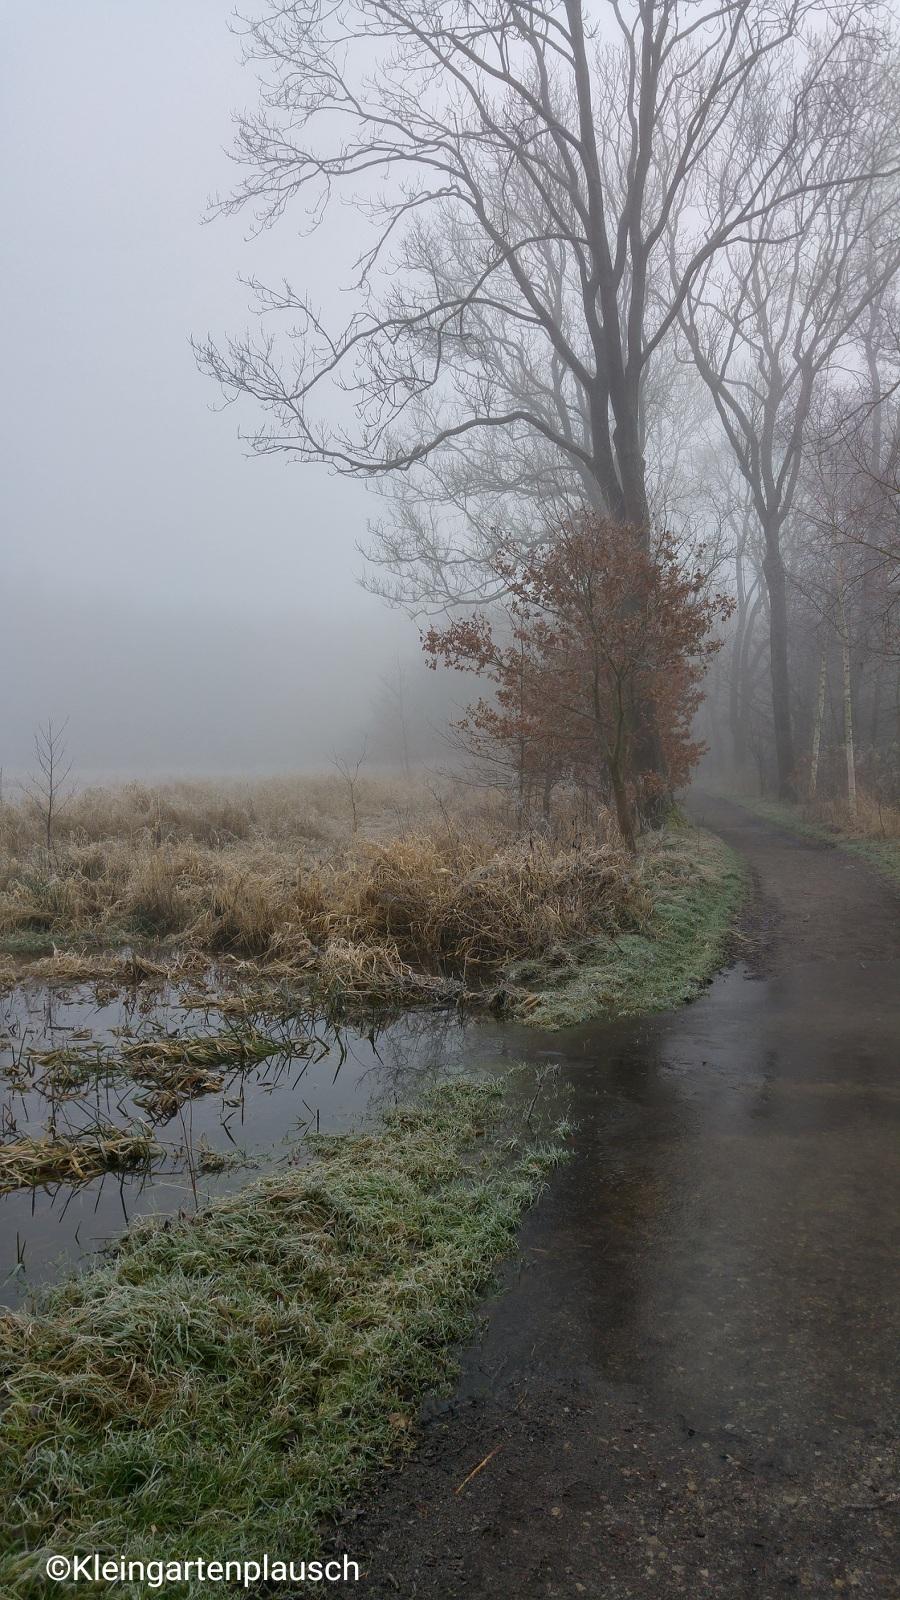 Hier wurde es doch sehr feucht, und wir mussten trotz wasserfester Schuhe vorsichtig  drumherumlaufen ...